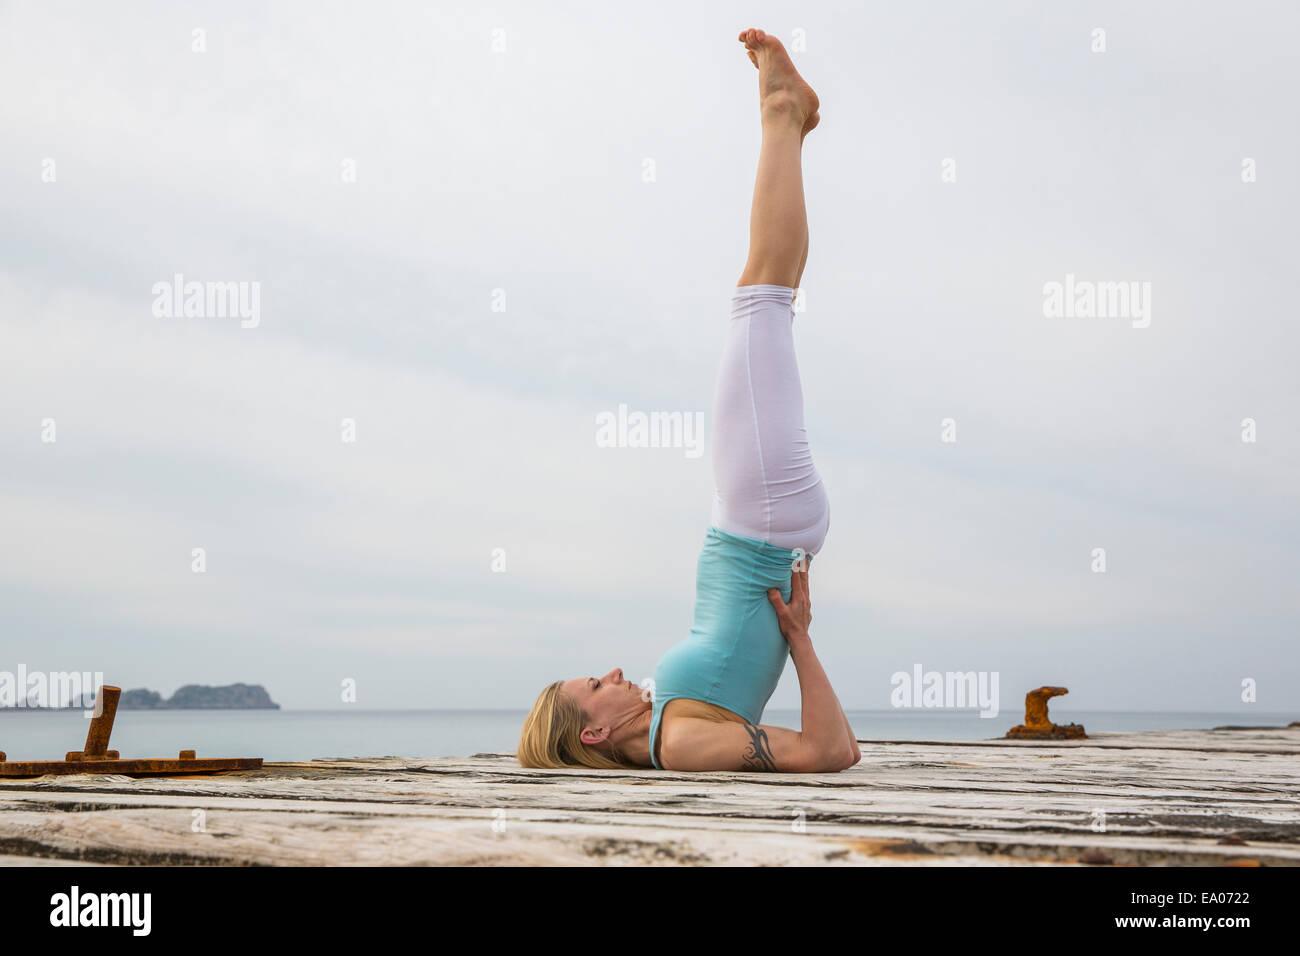 Mitad mujer adulta con piernas levantadas practicando yoga en Mar del muelle de madera Imagen De Stock